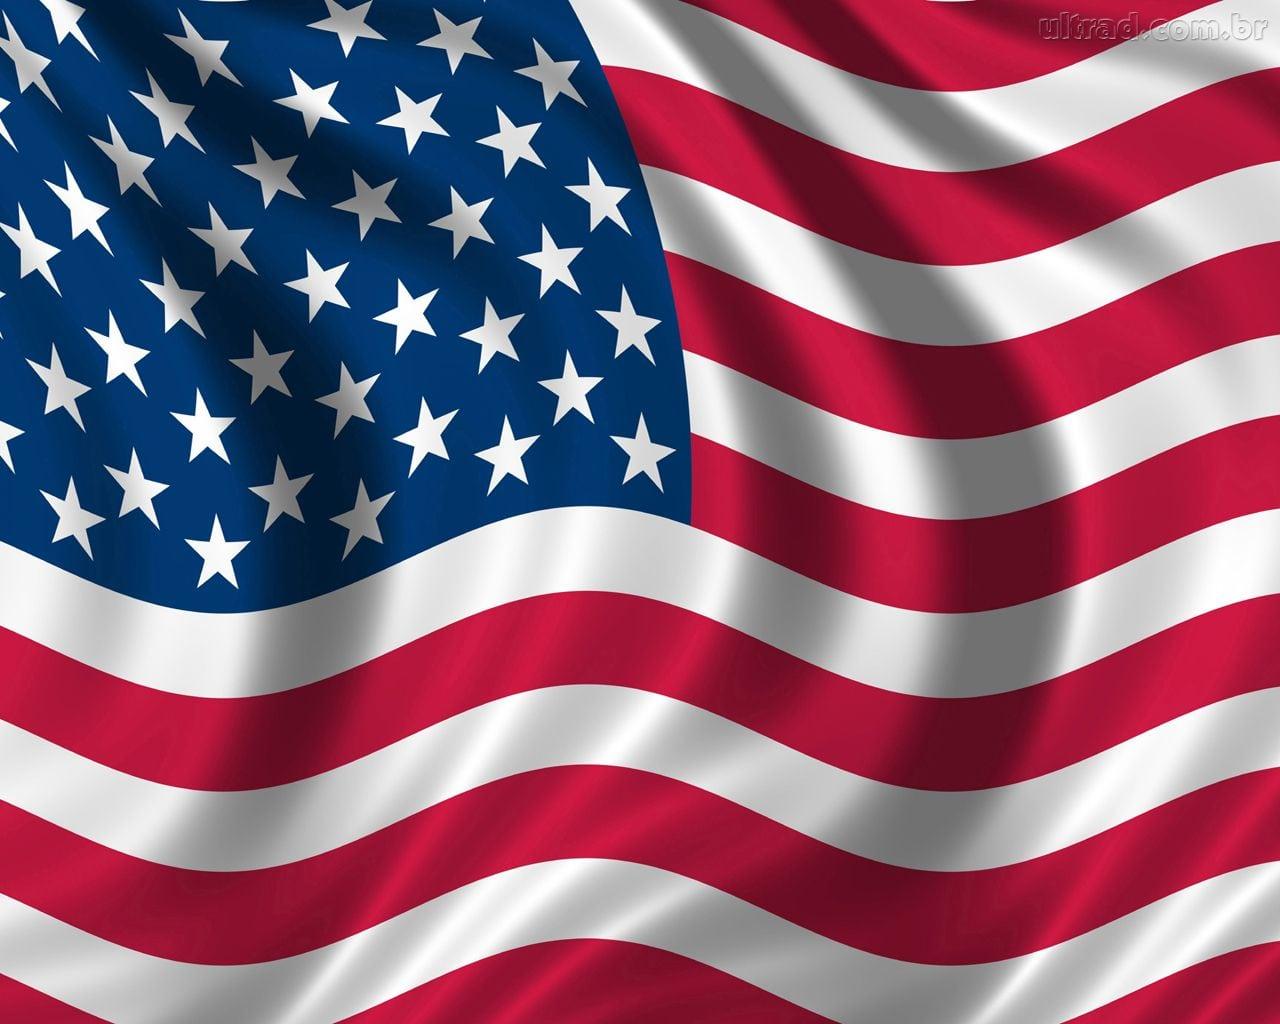 Simbolo Americano A Bandeira Dos Estados Unidos